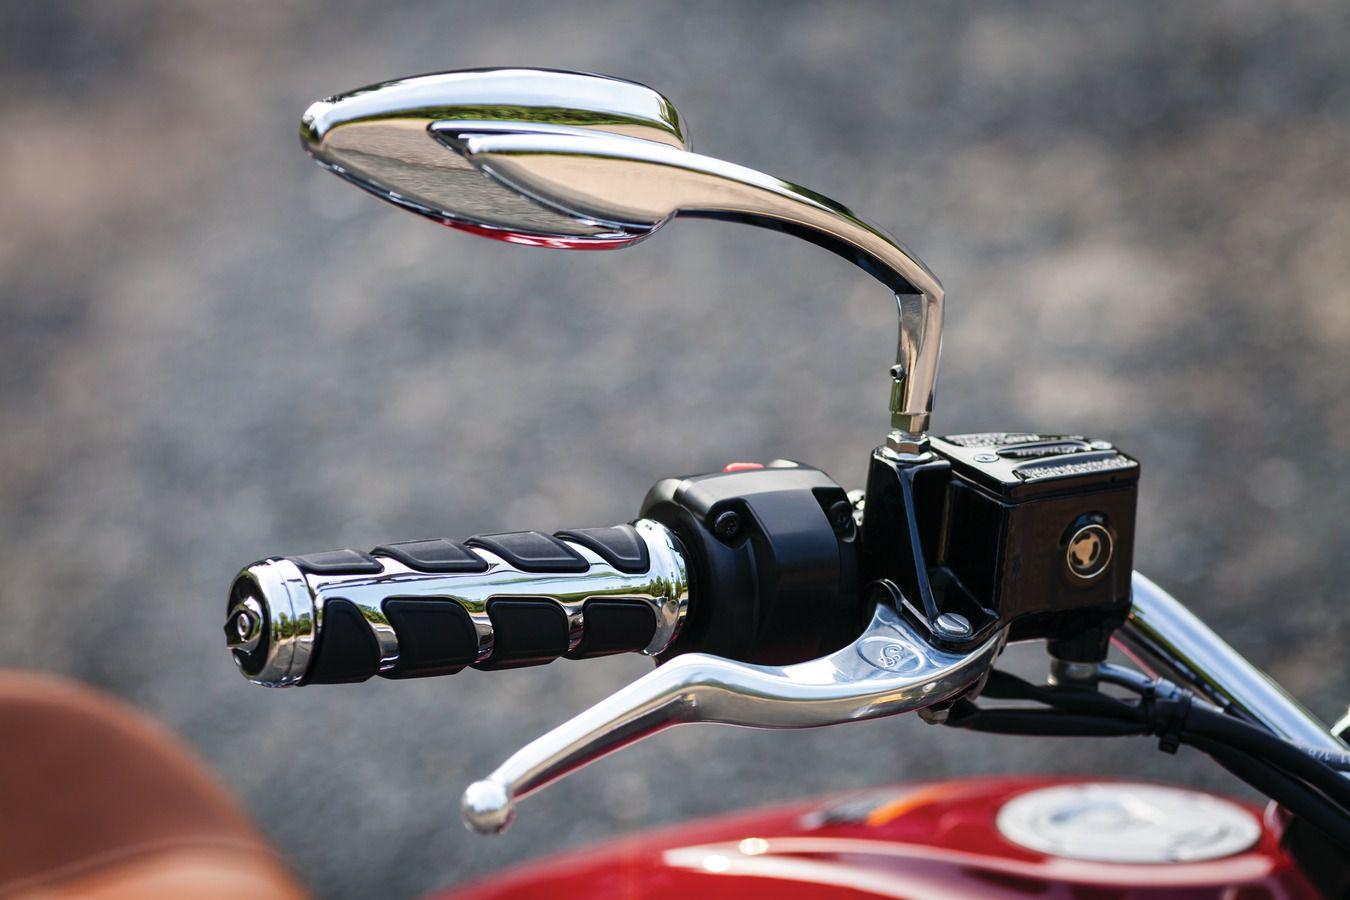 Manopla Modelo Kinetic para Harley Davidson com Acelerador Eletronico - Cromado